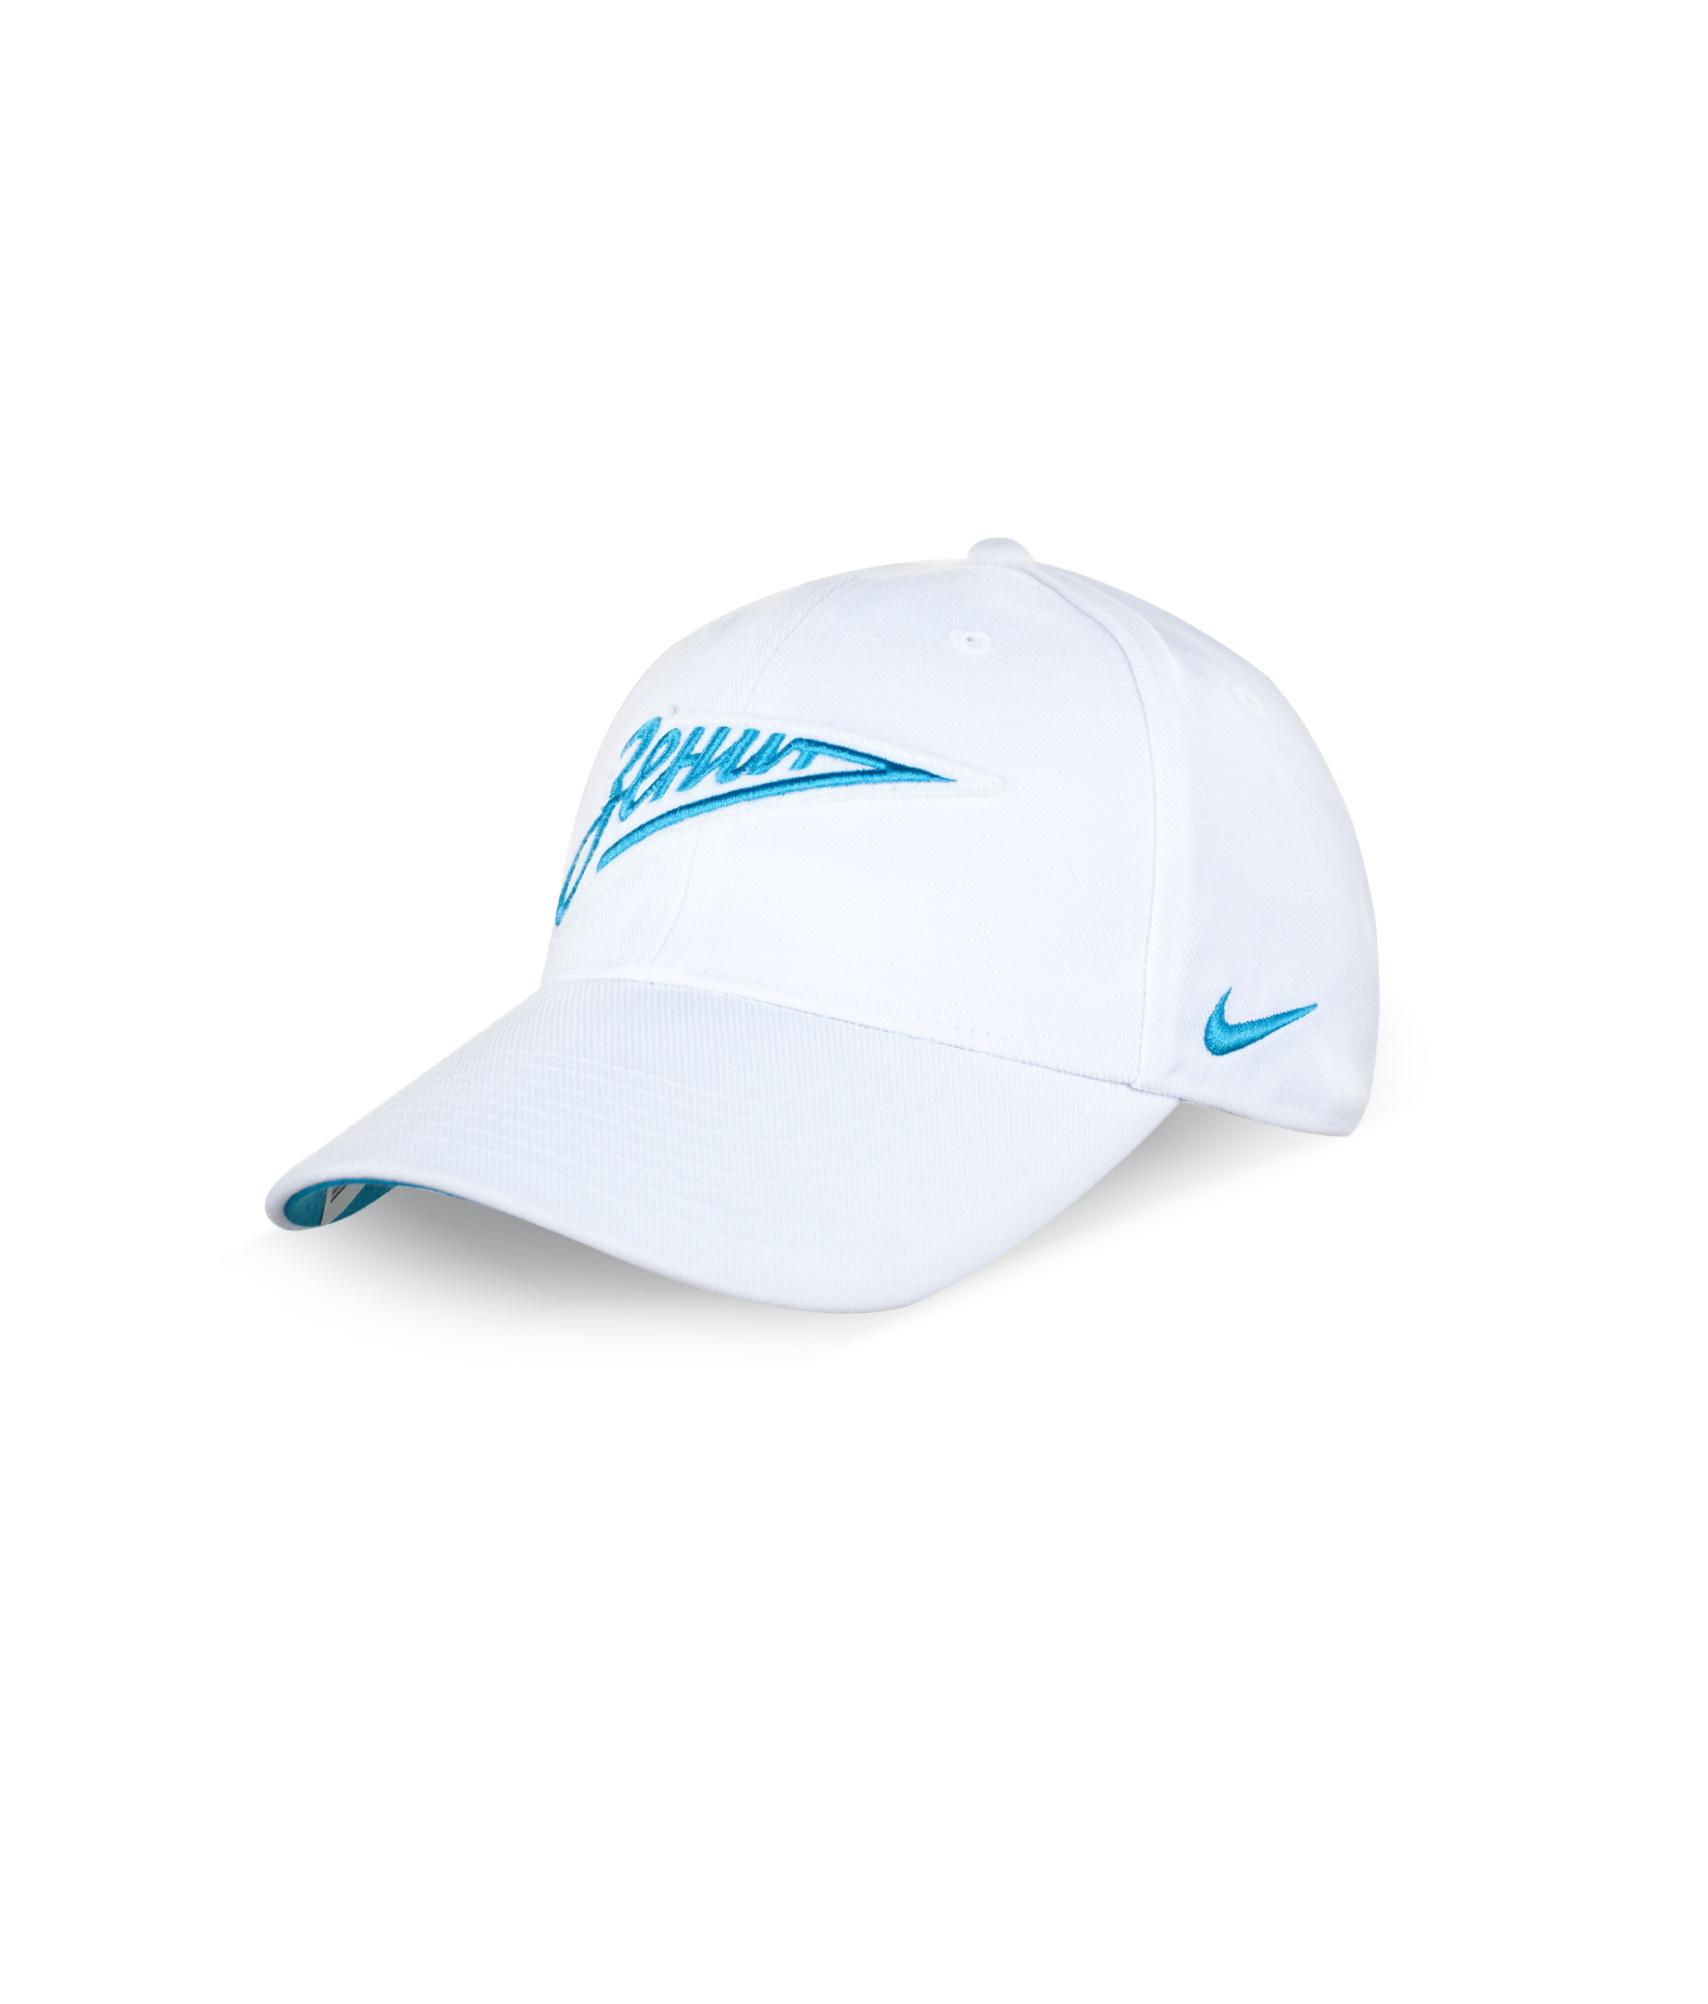 Бейсболка Nike 2013, Цвет-Белый, Размер-MISC